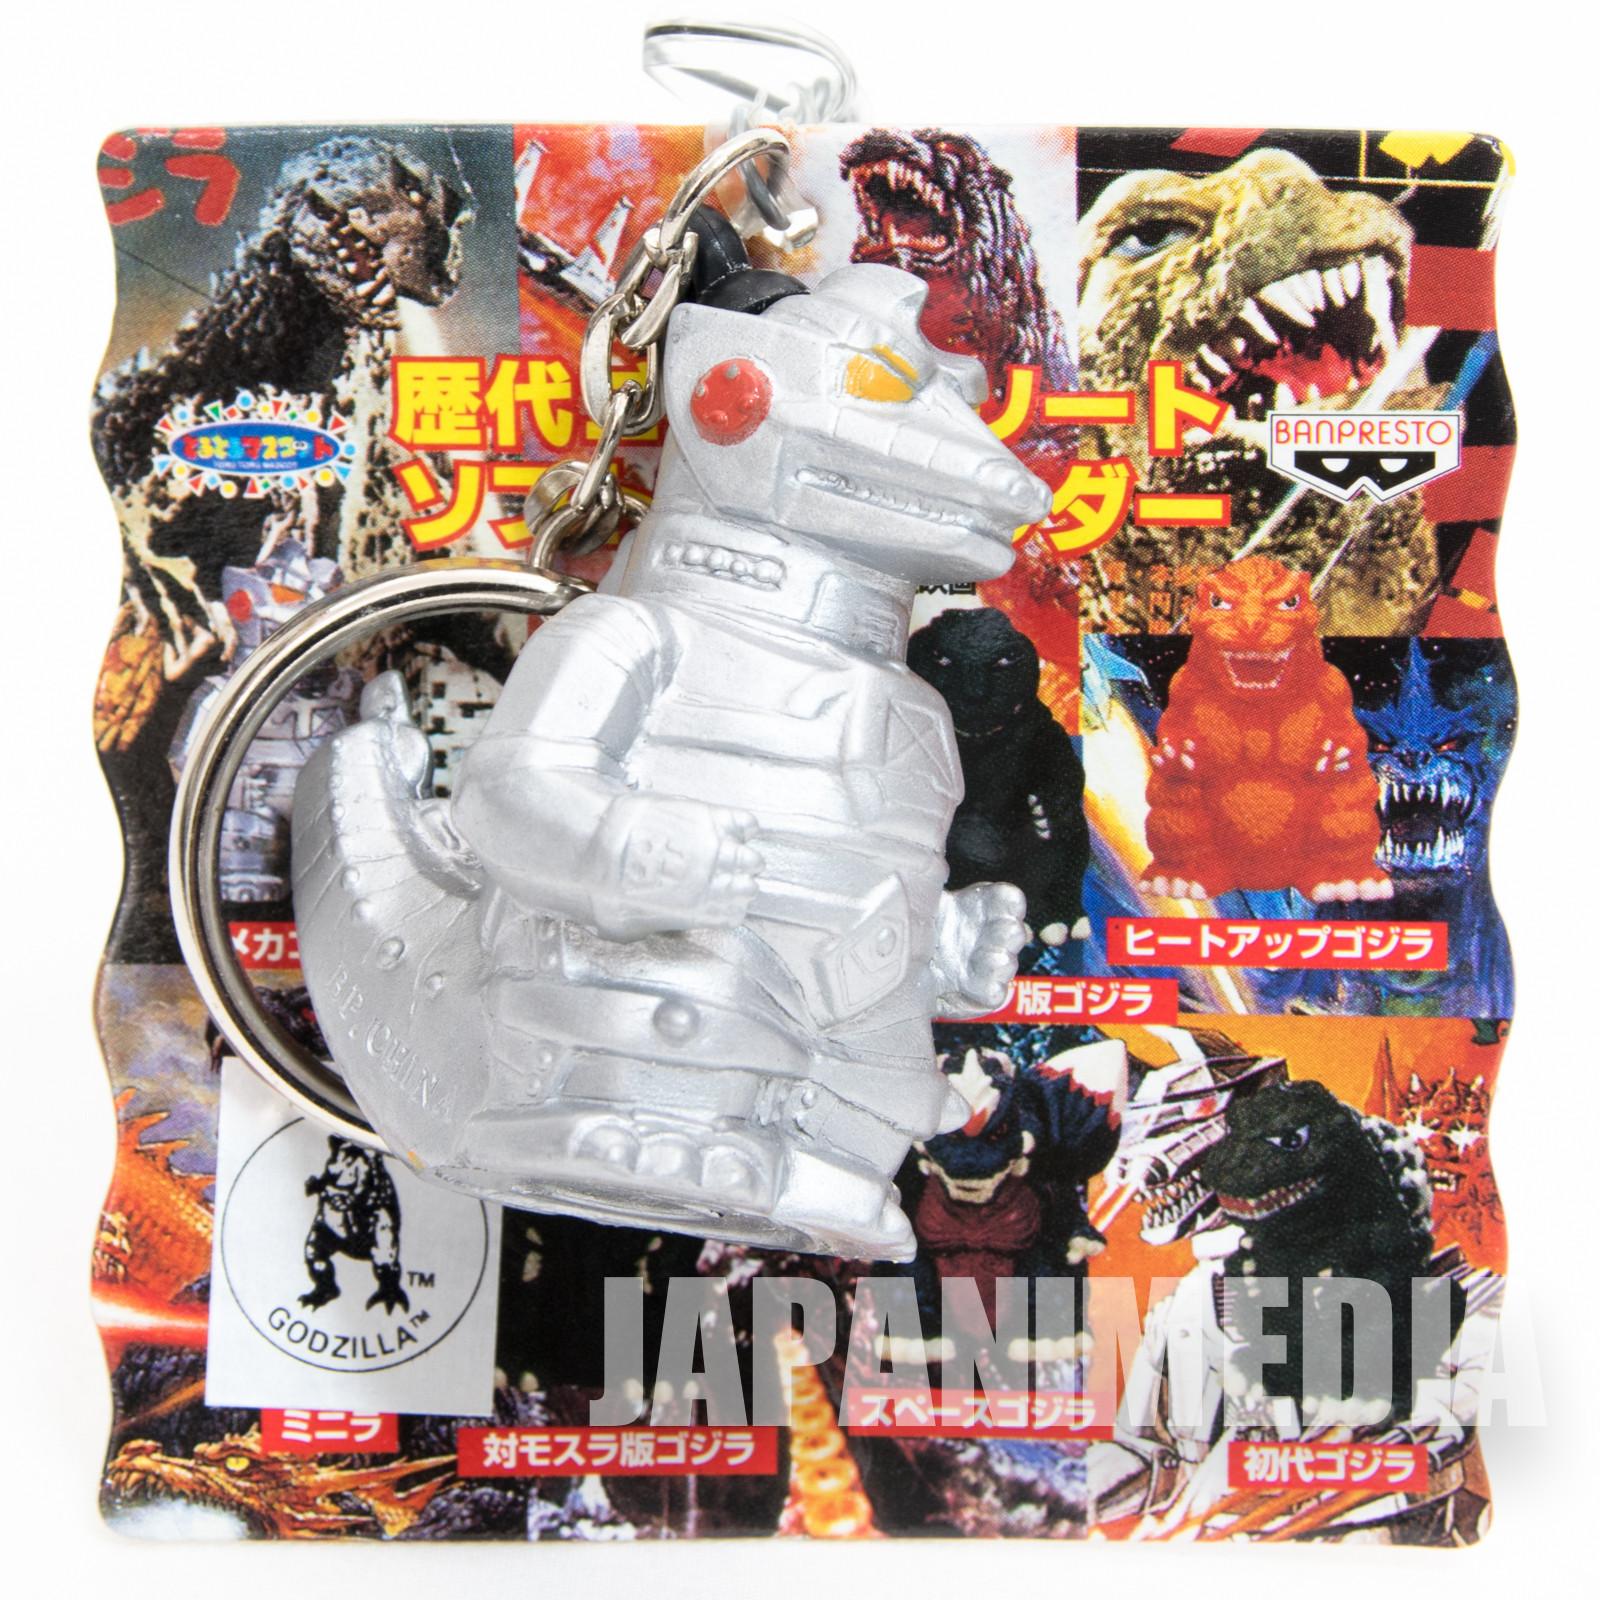 Godzilla Mecha Godzilla Mascot Figure Keychain JAPAN TOKUSATSU